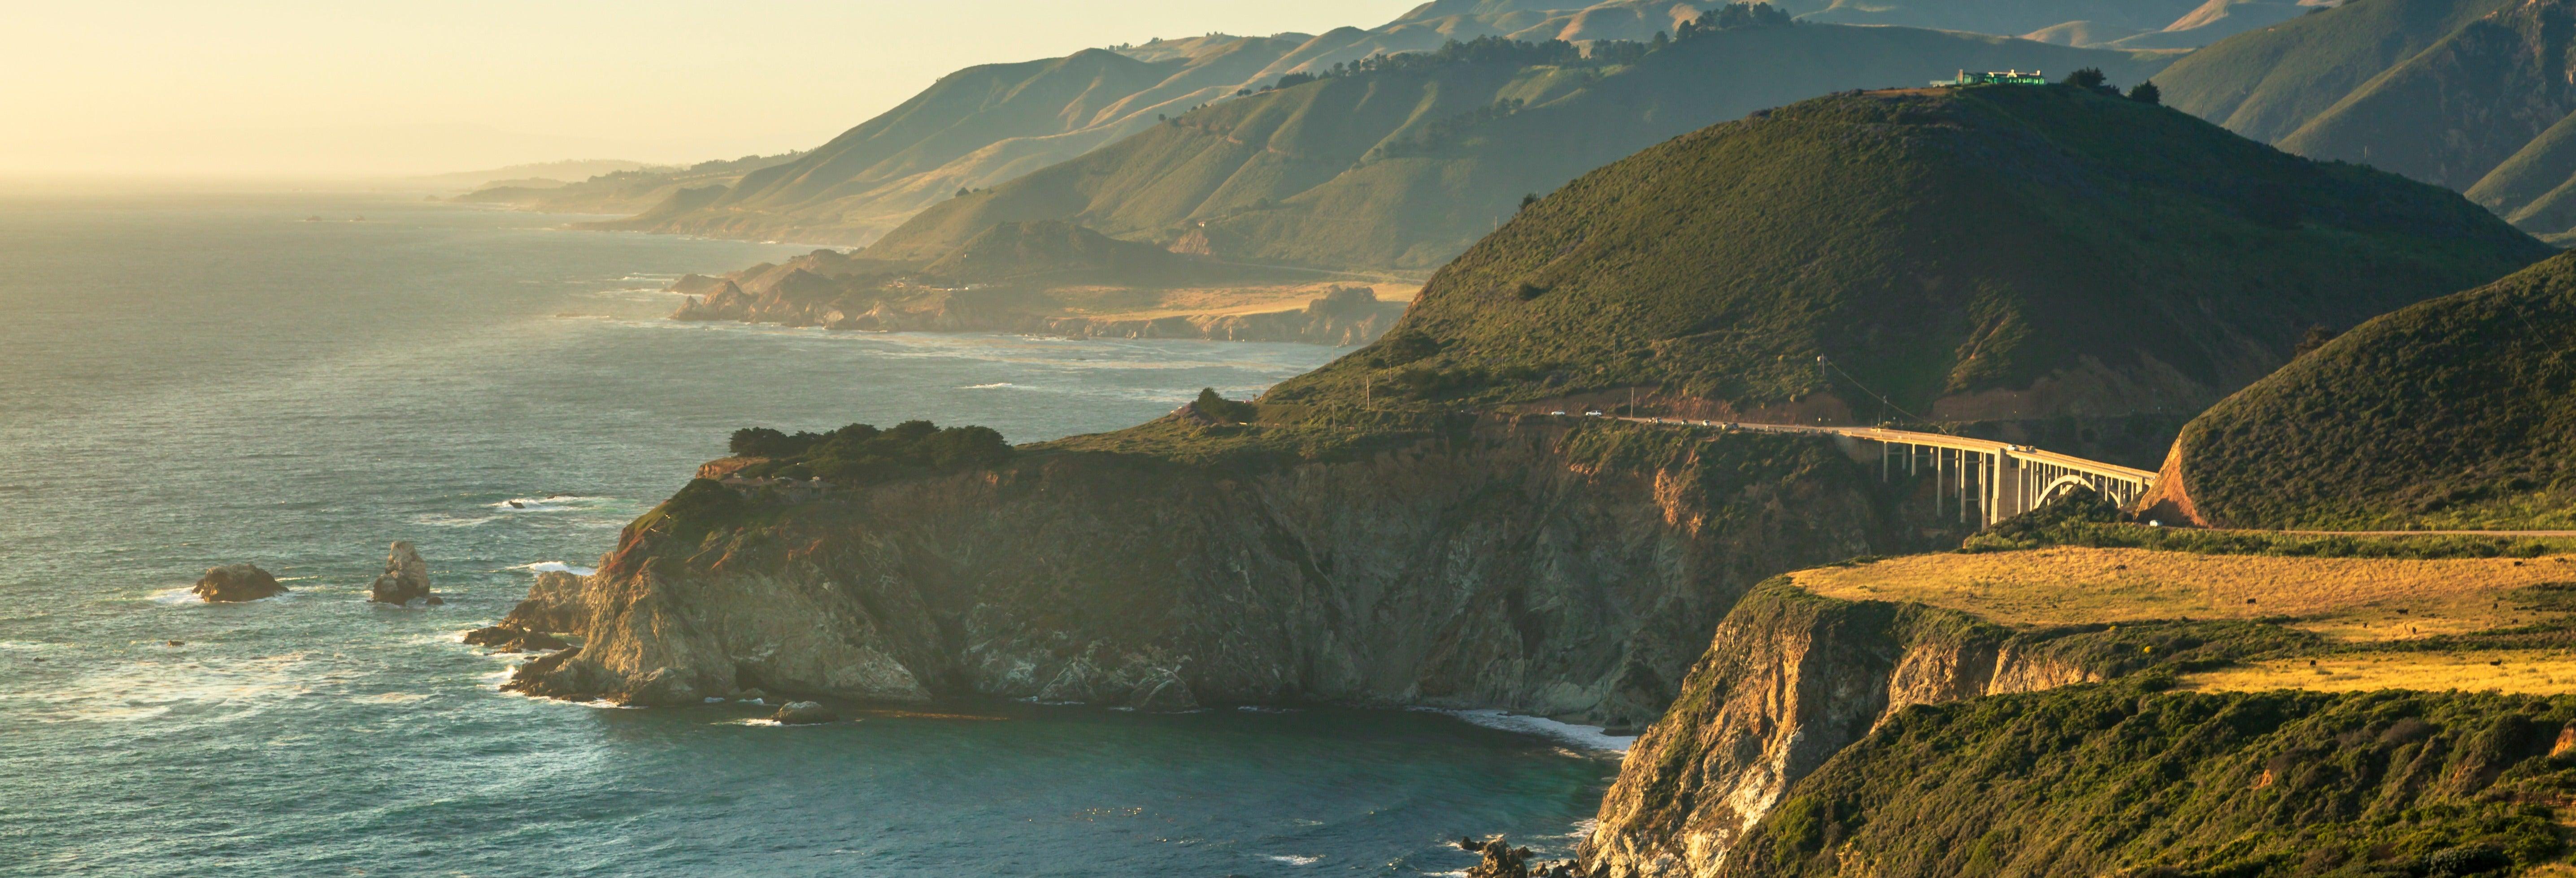 Tour de 2 días desde San Francisco hasta Los Ángeles